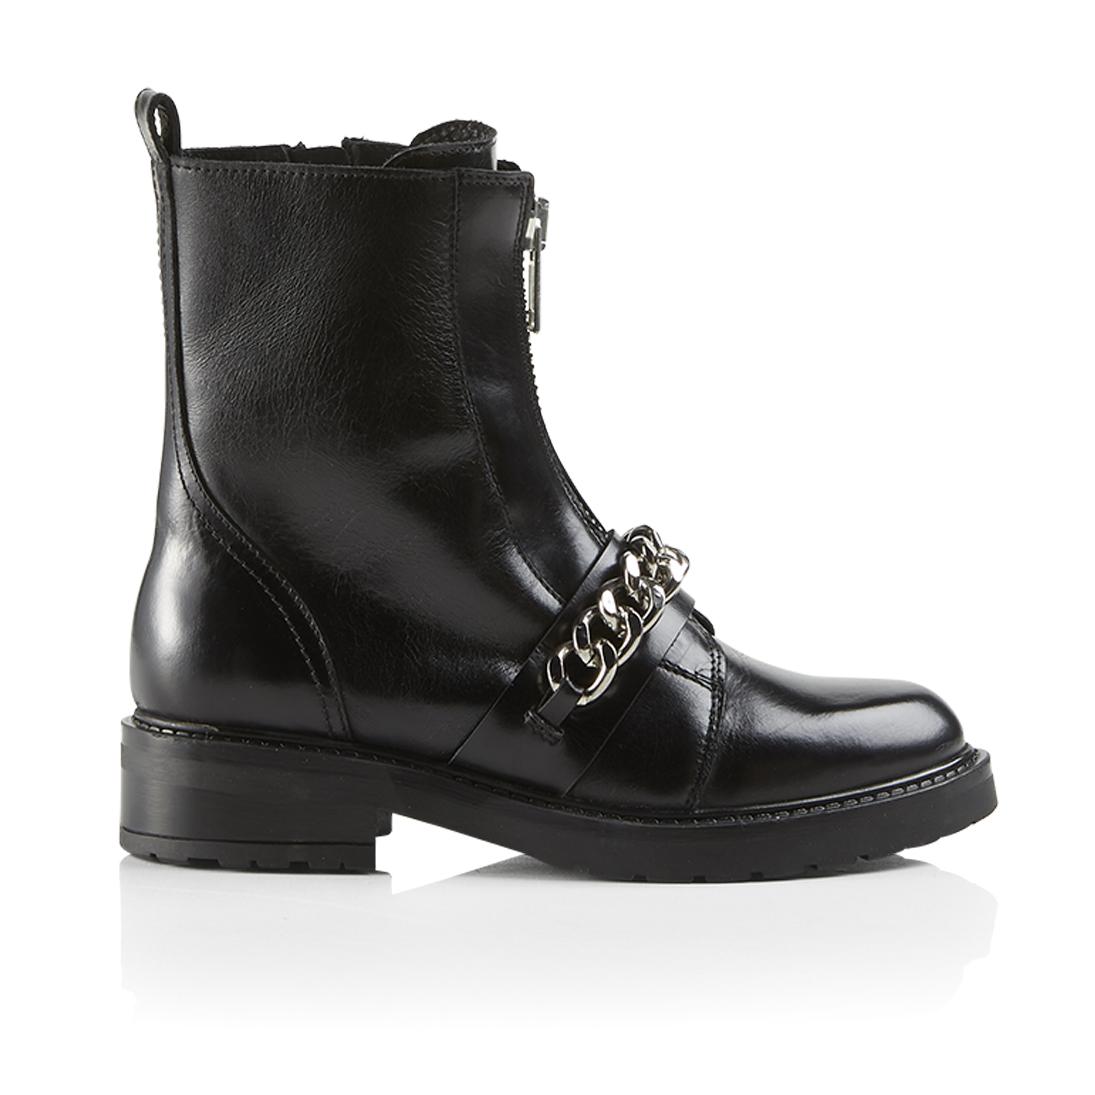 Pavement Franca Støvler